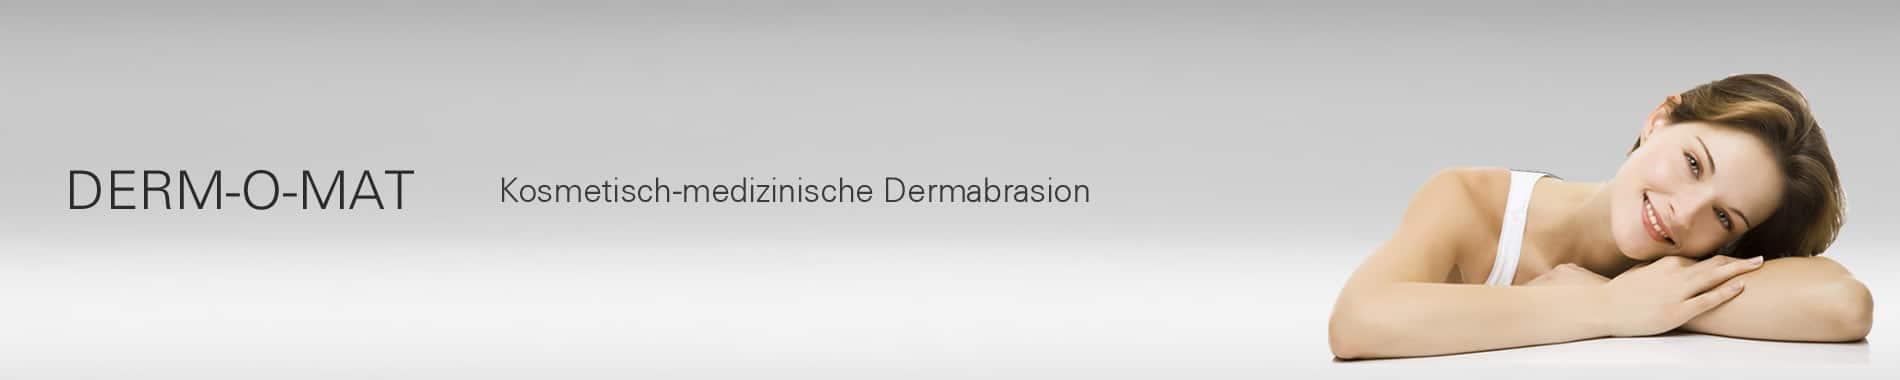 Derm-o-mat kosmetisch-medizinische-Dermabrasion